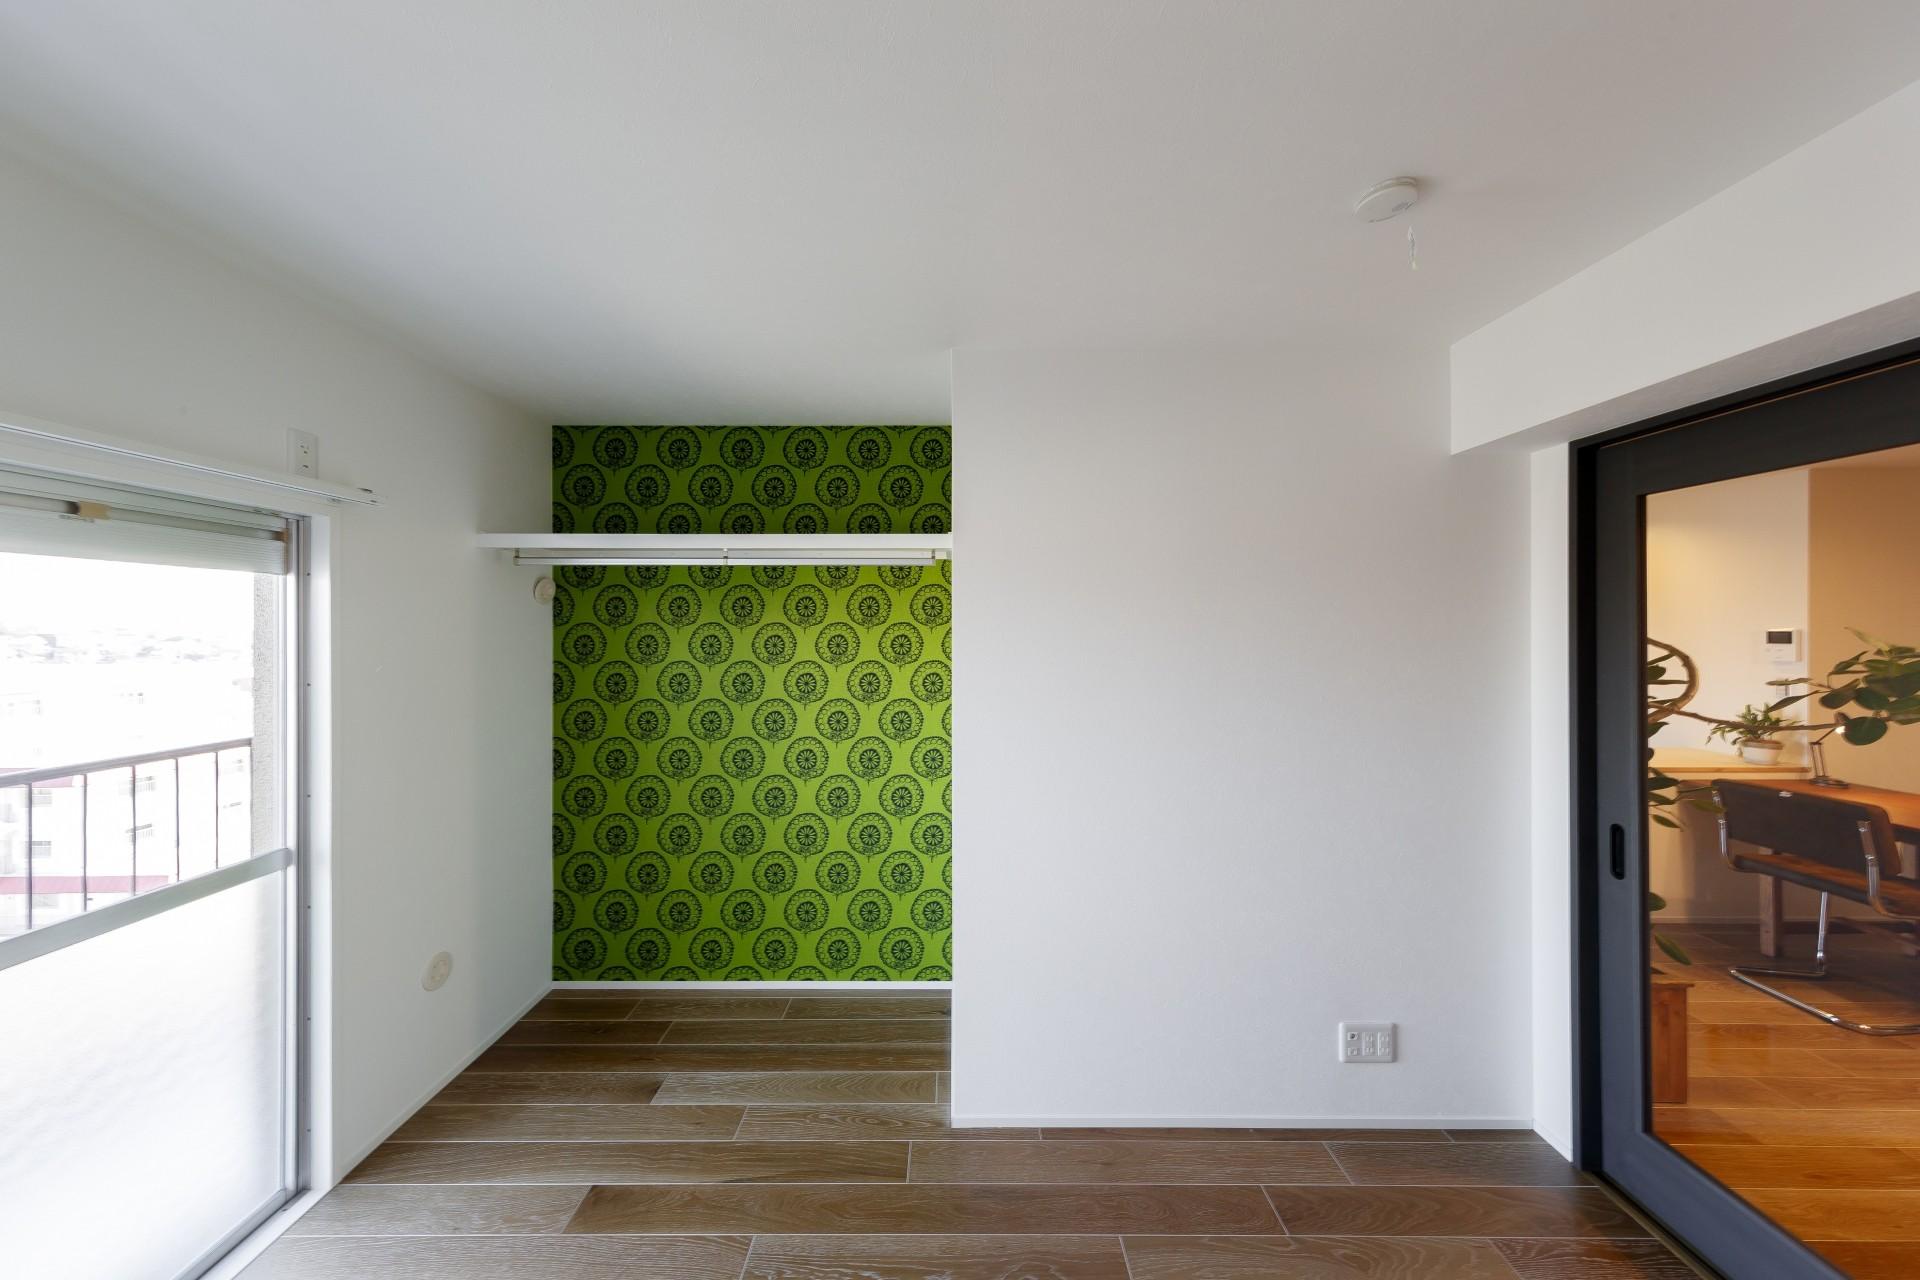 ベッドルーム事例:輸入クロスが目を引く個室(ファッションを楽しむご夫婦のための家)